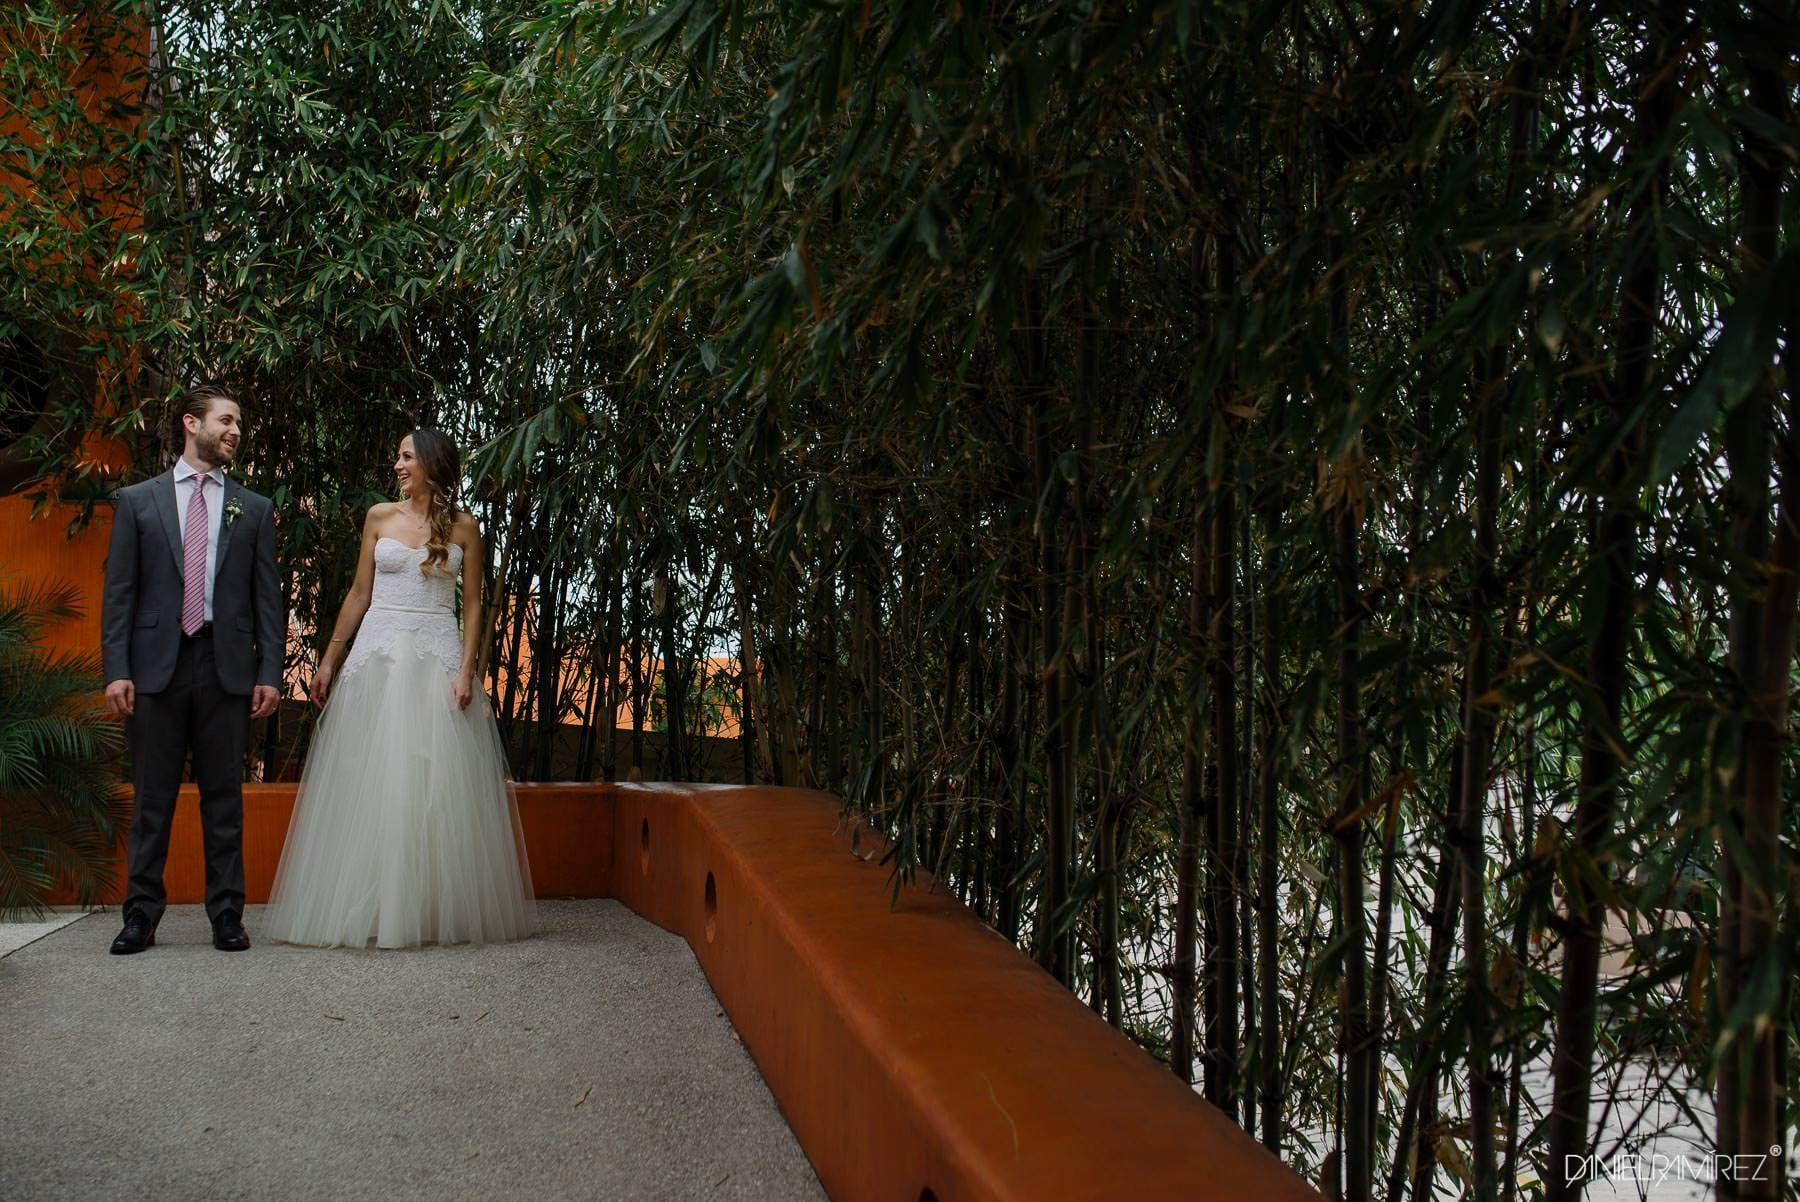 foto-video-bodas-cuernavaca-16